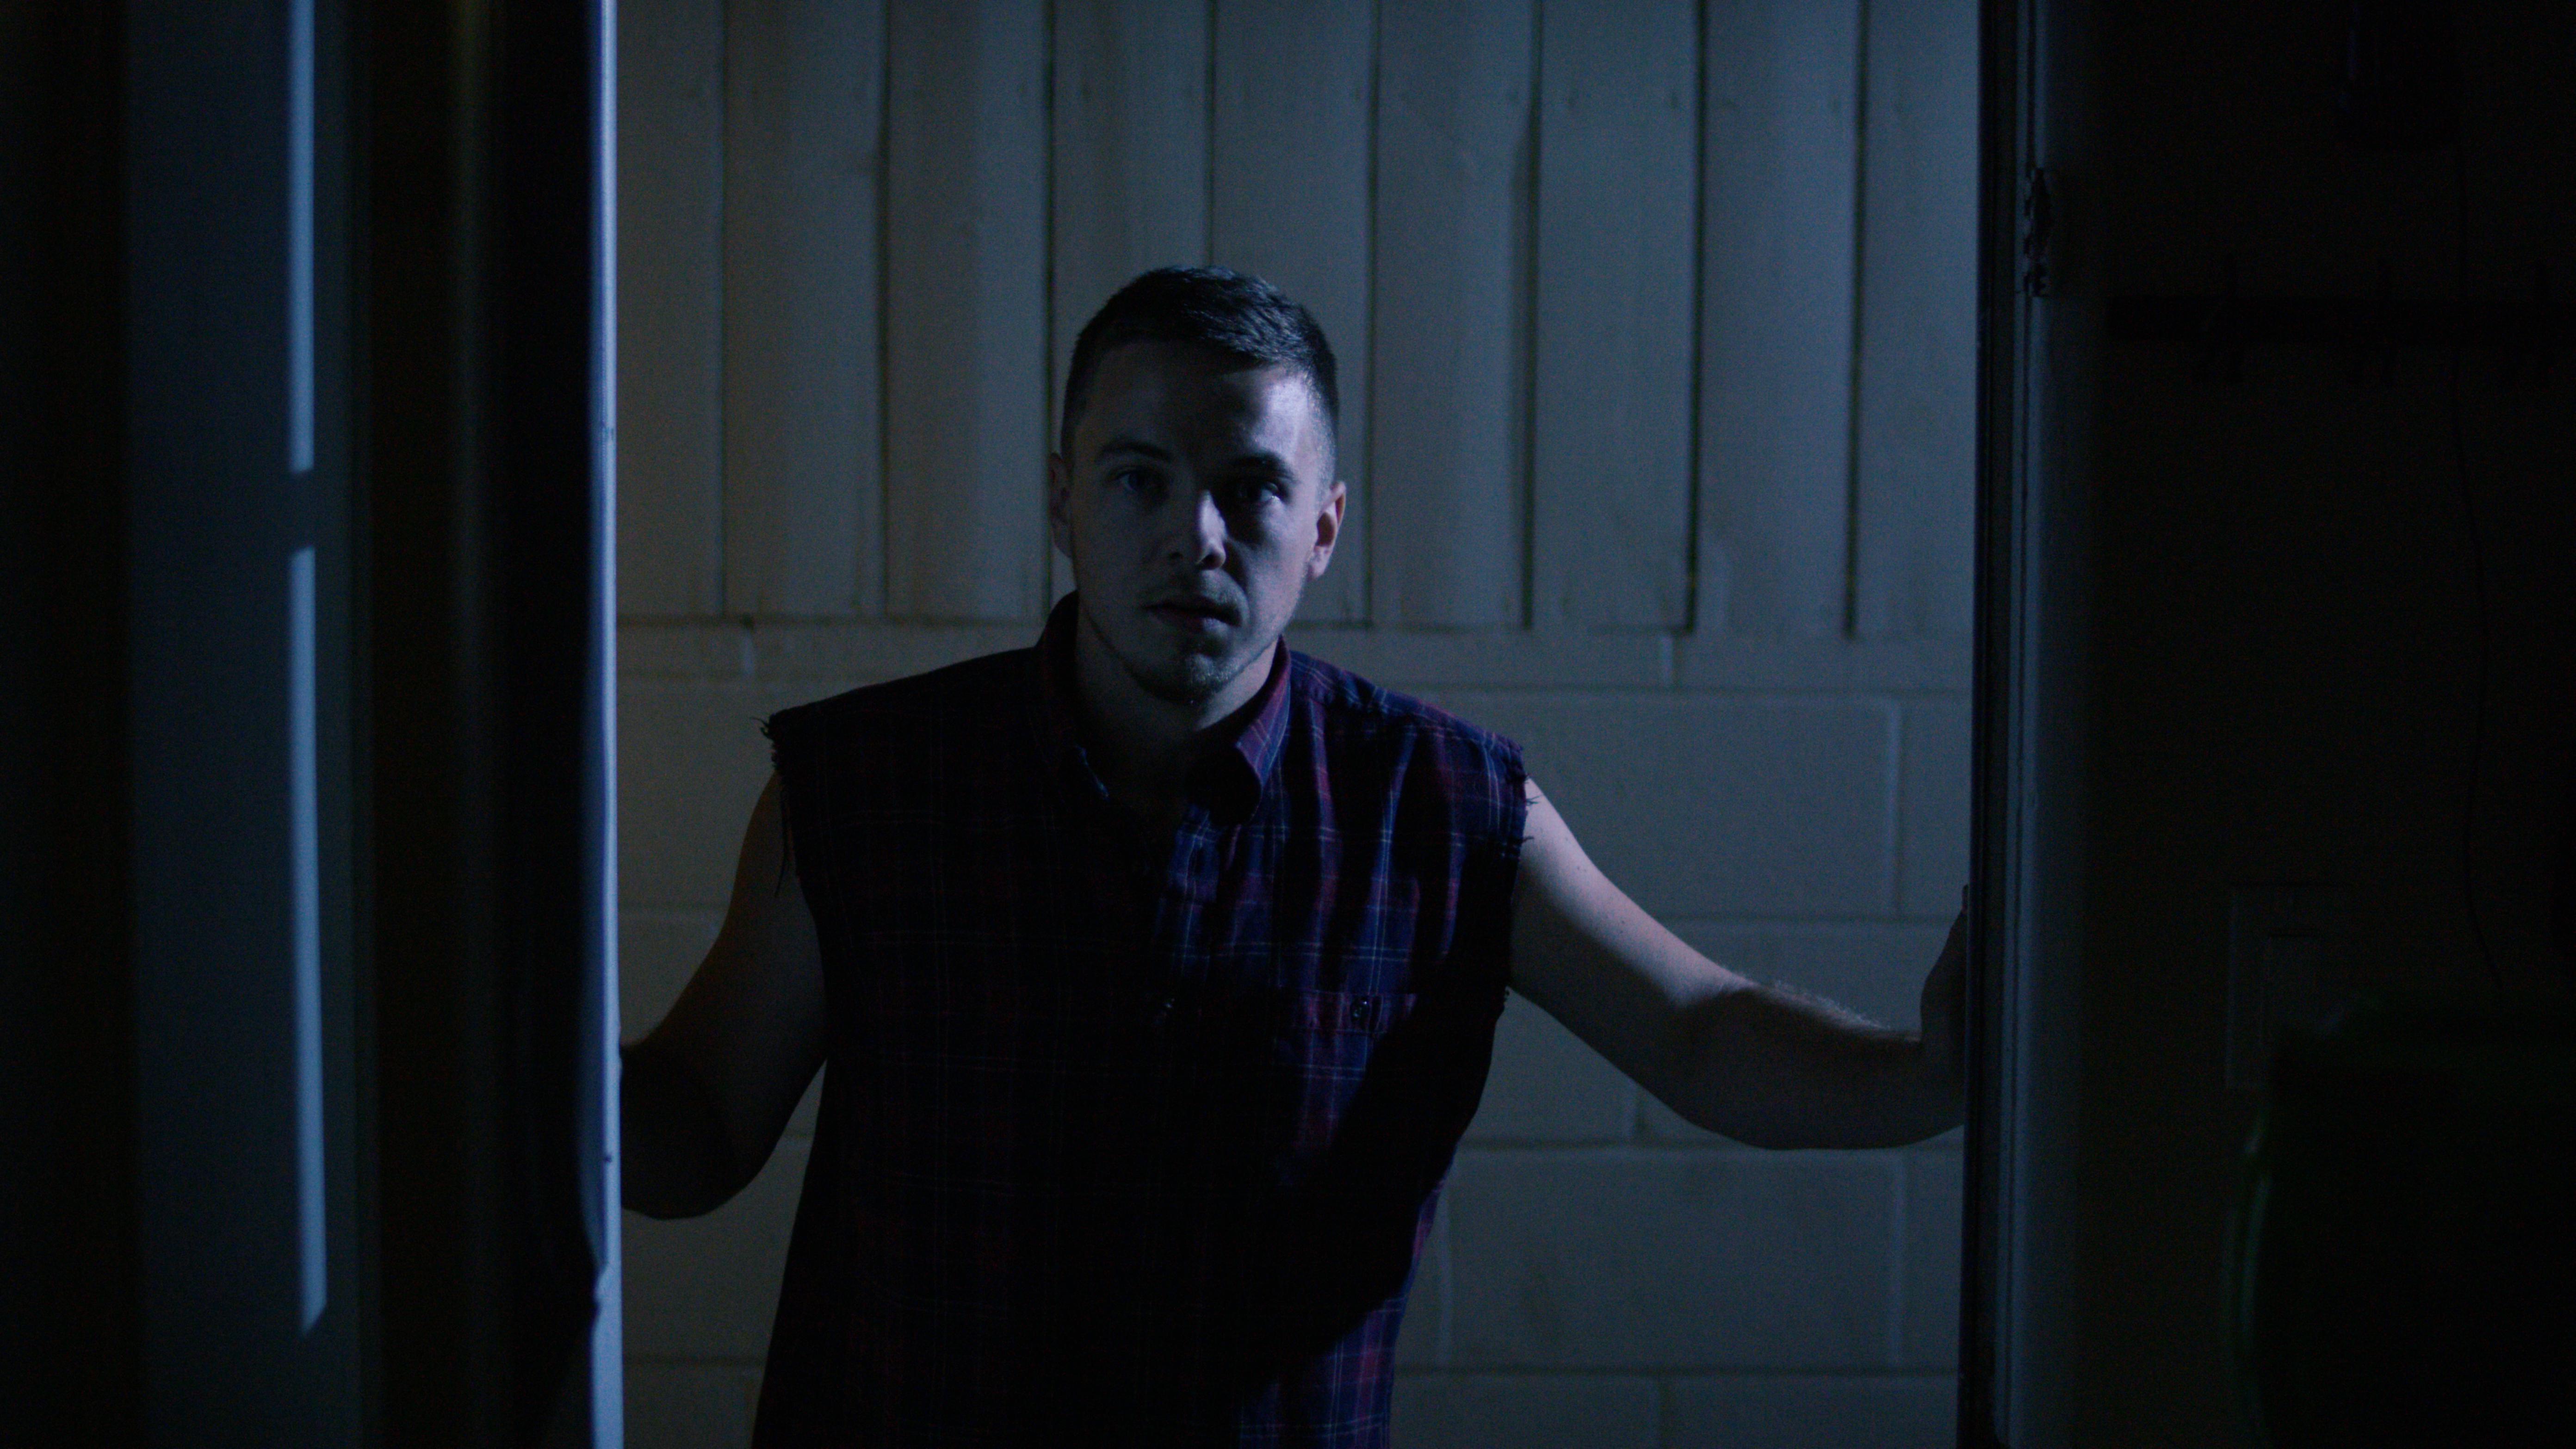 Still frame - Keenan Reilly